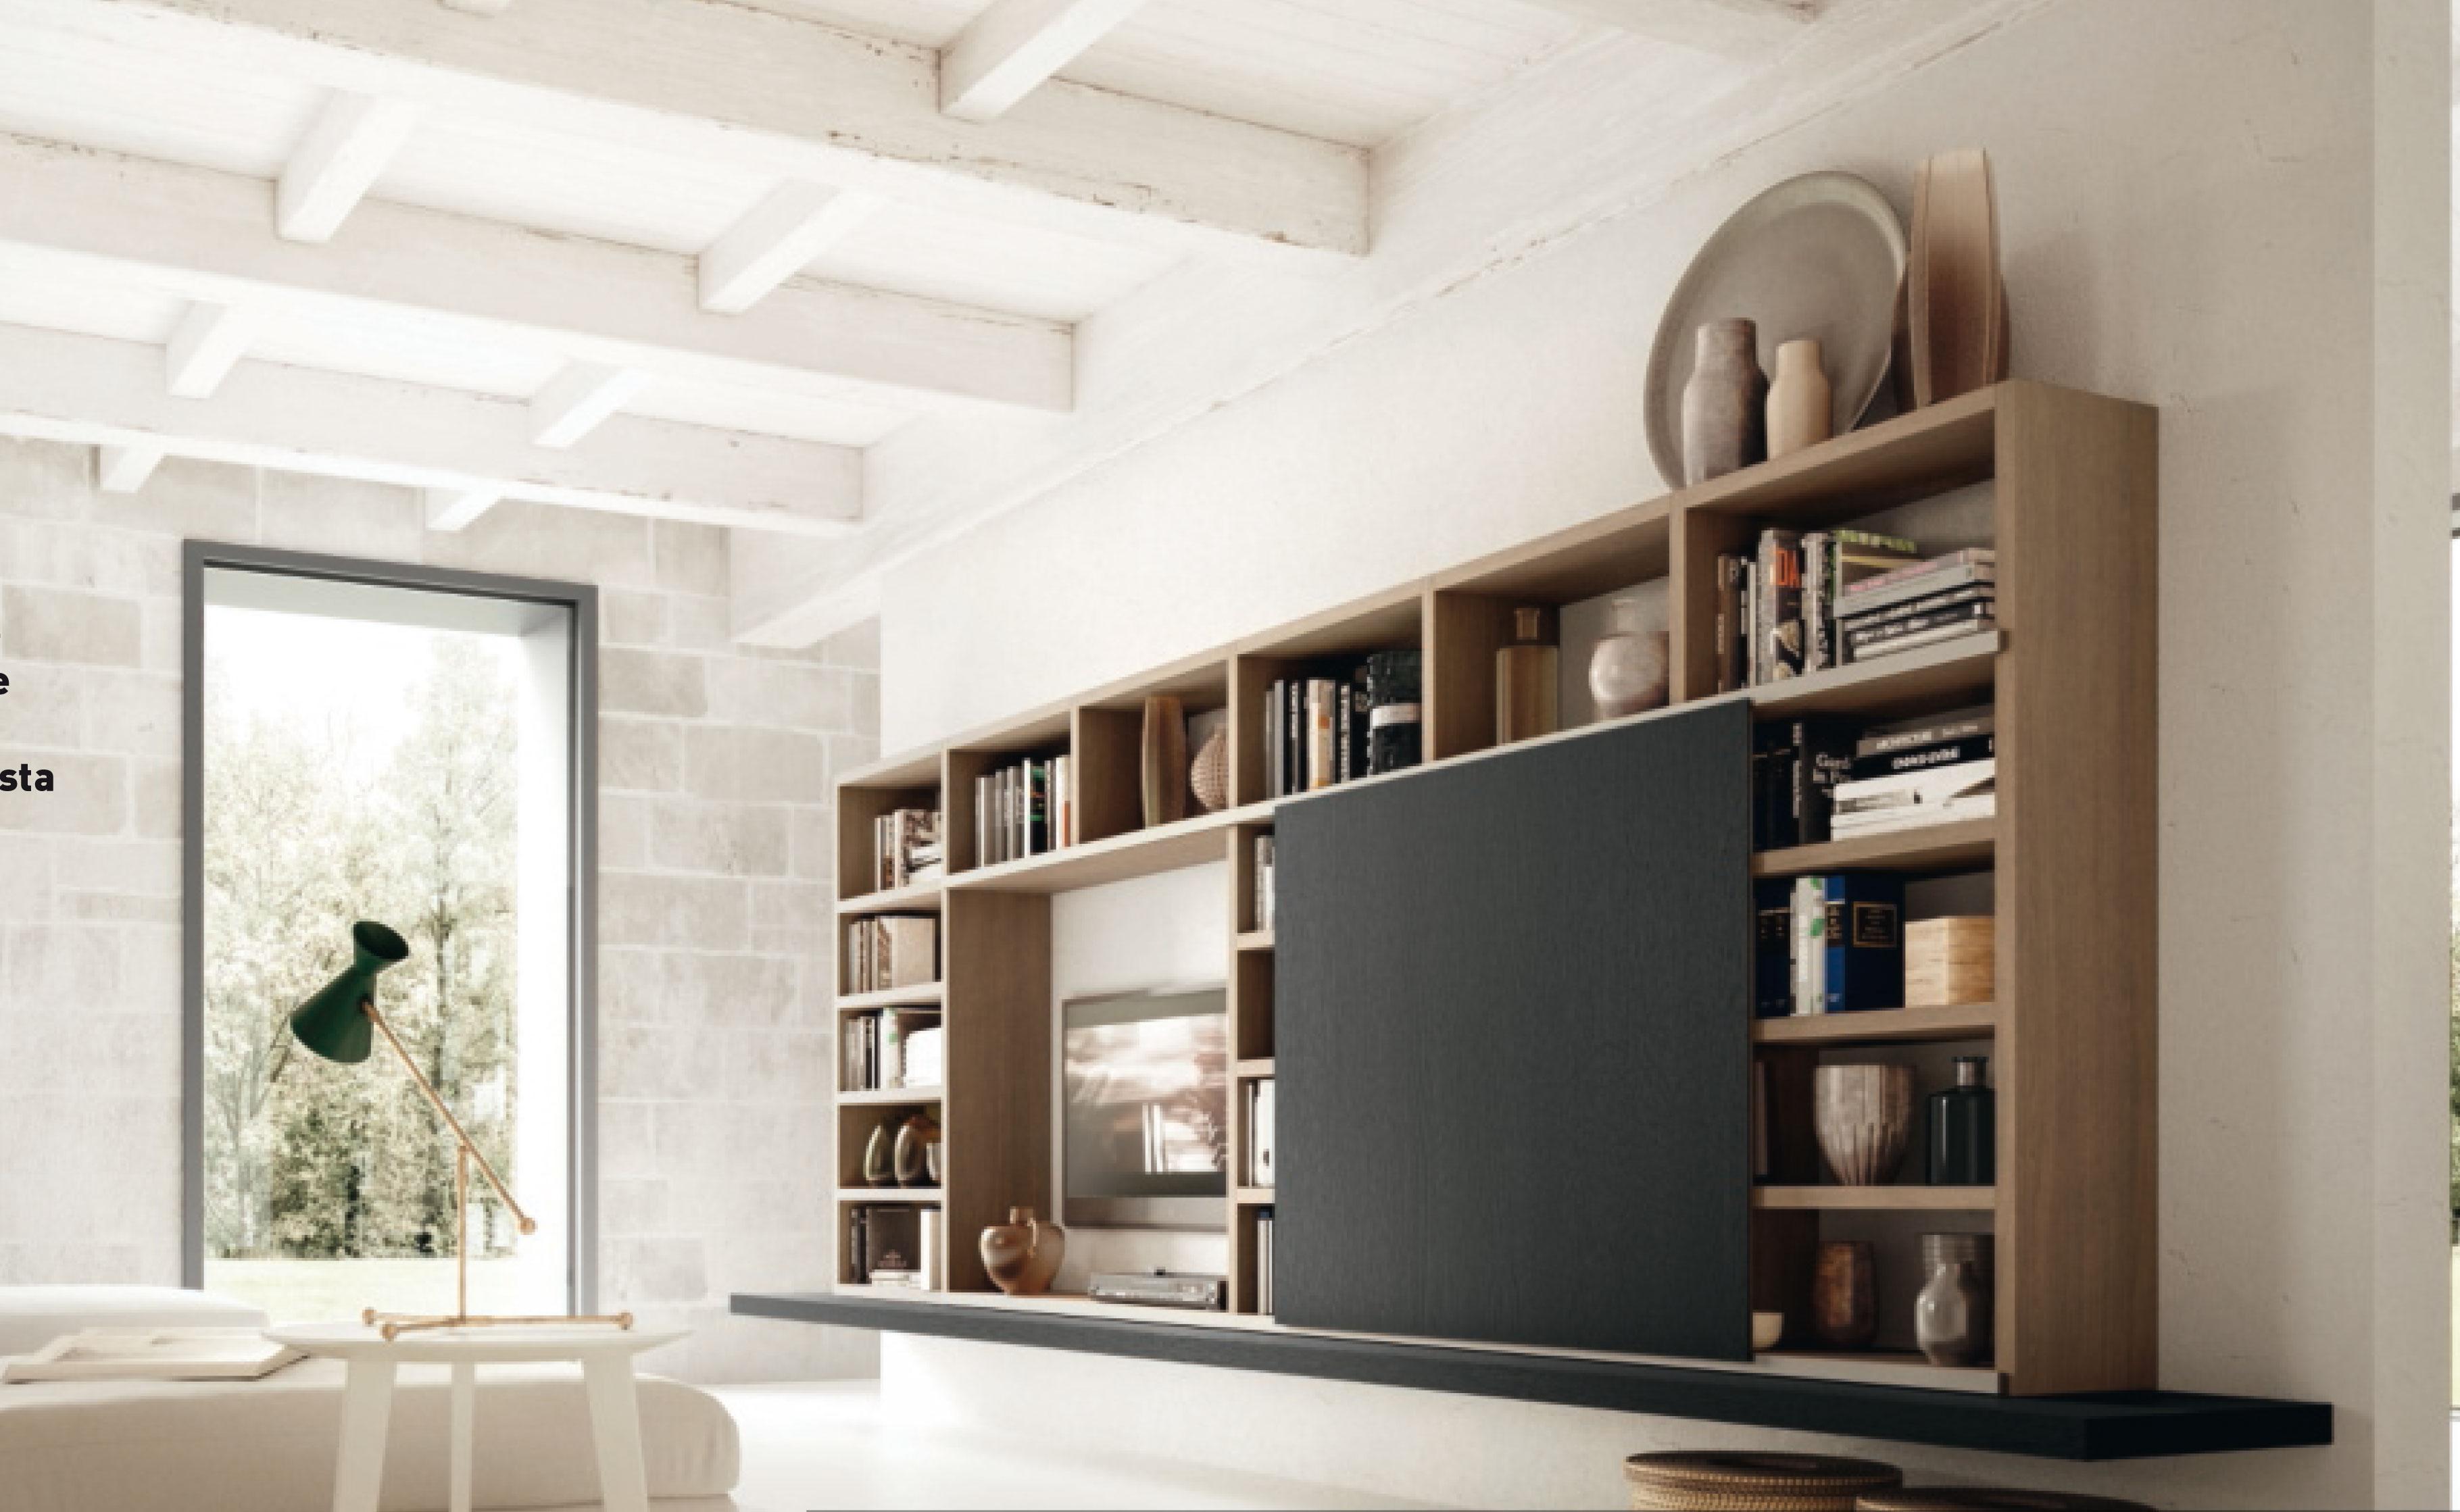 Meuble Tv Avec Bibliothèque bibliothèque suspendue avec espace tv - en savoir plus nous